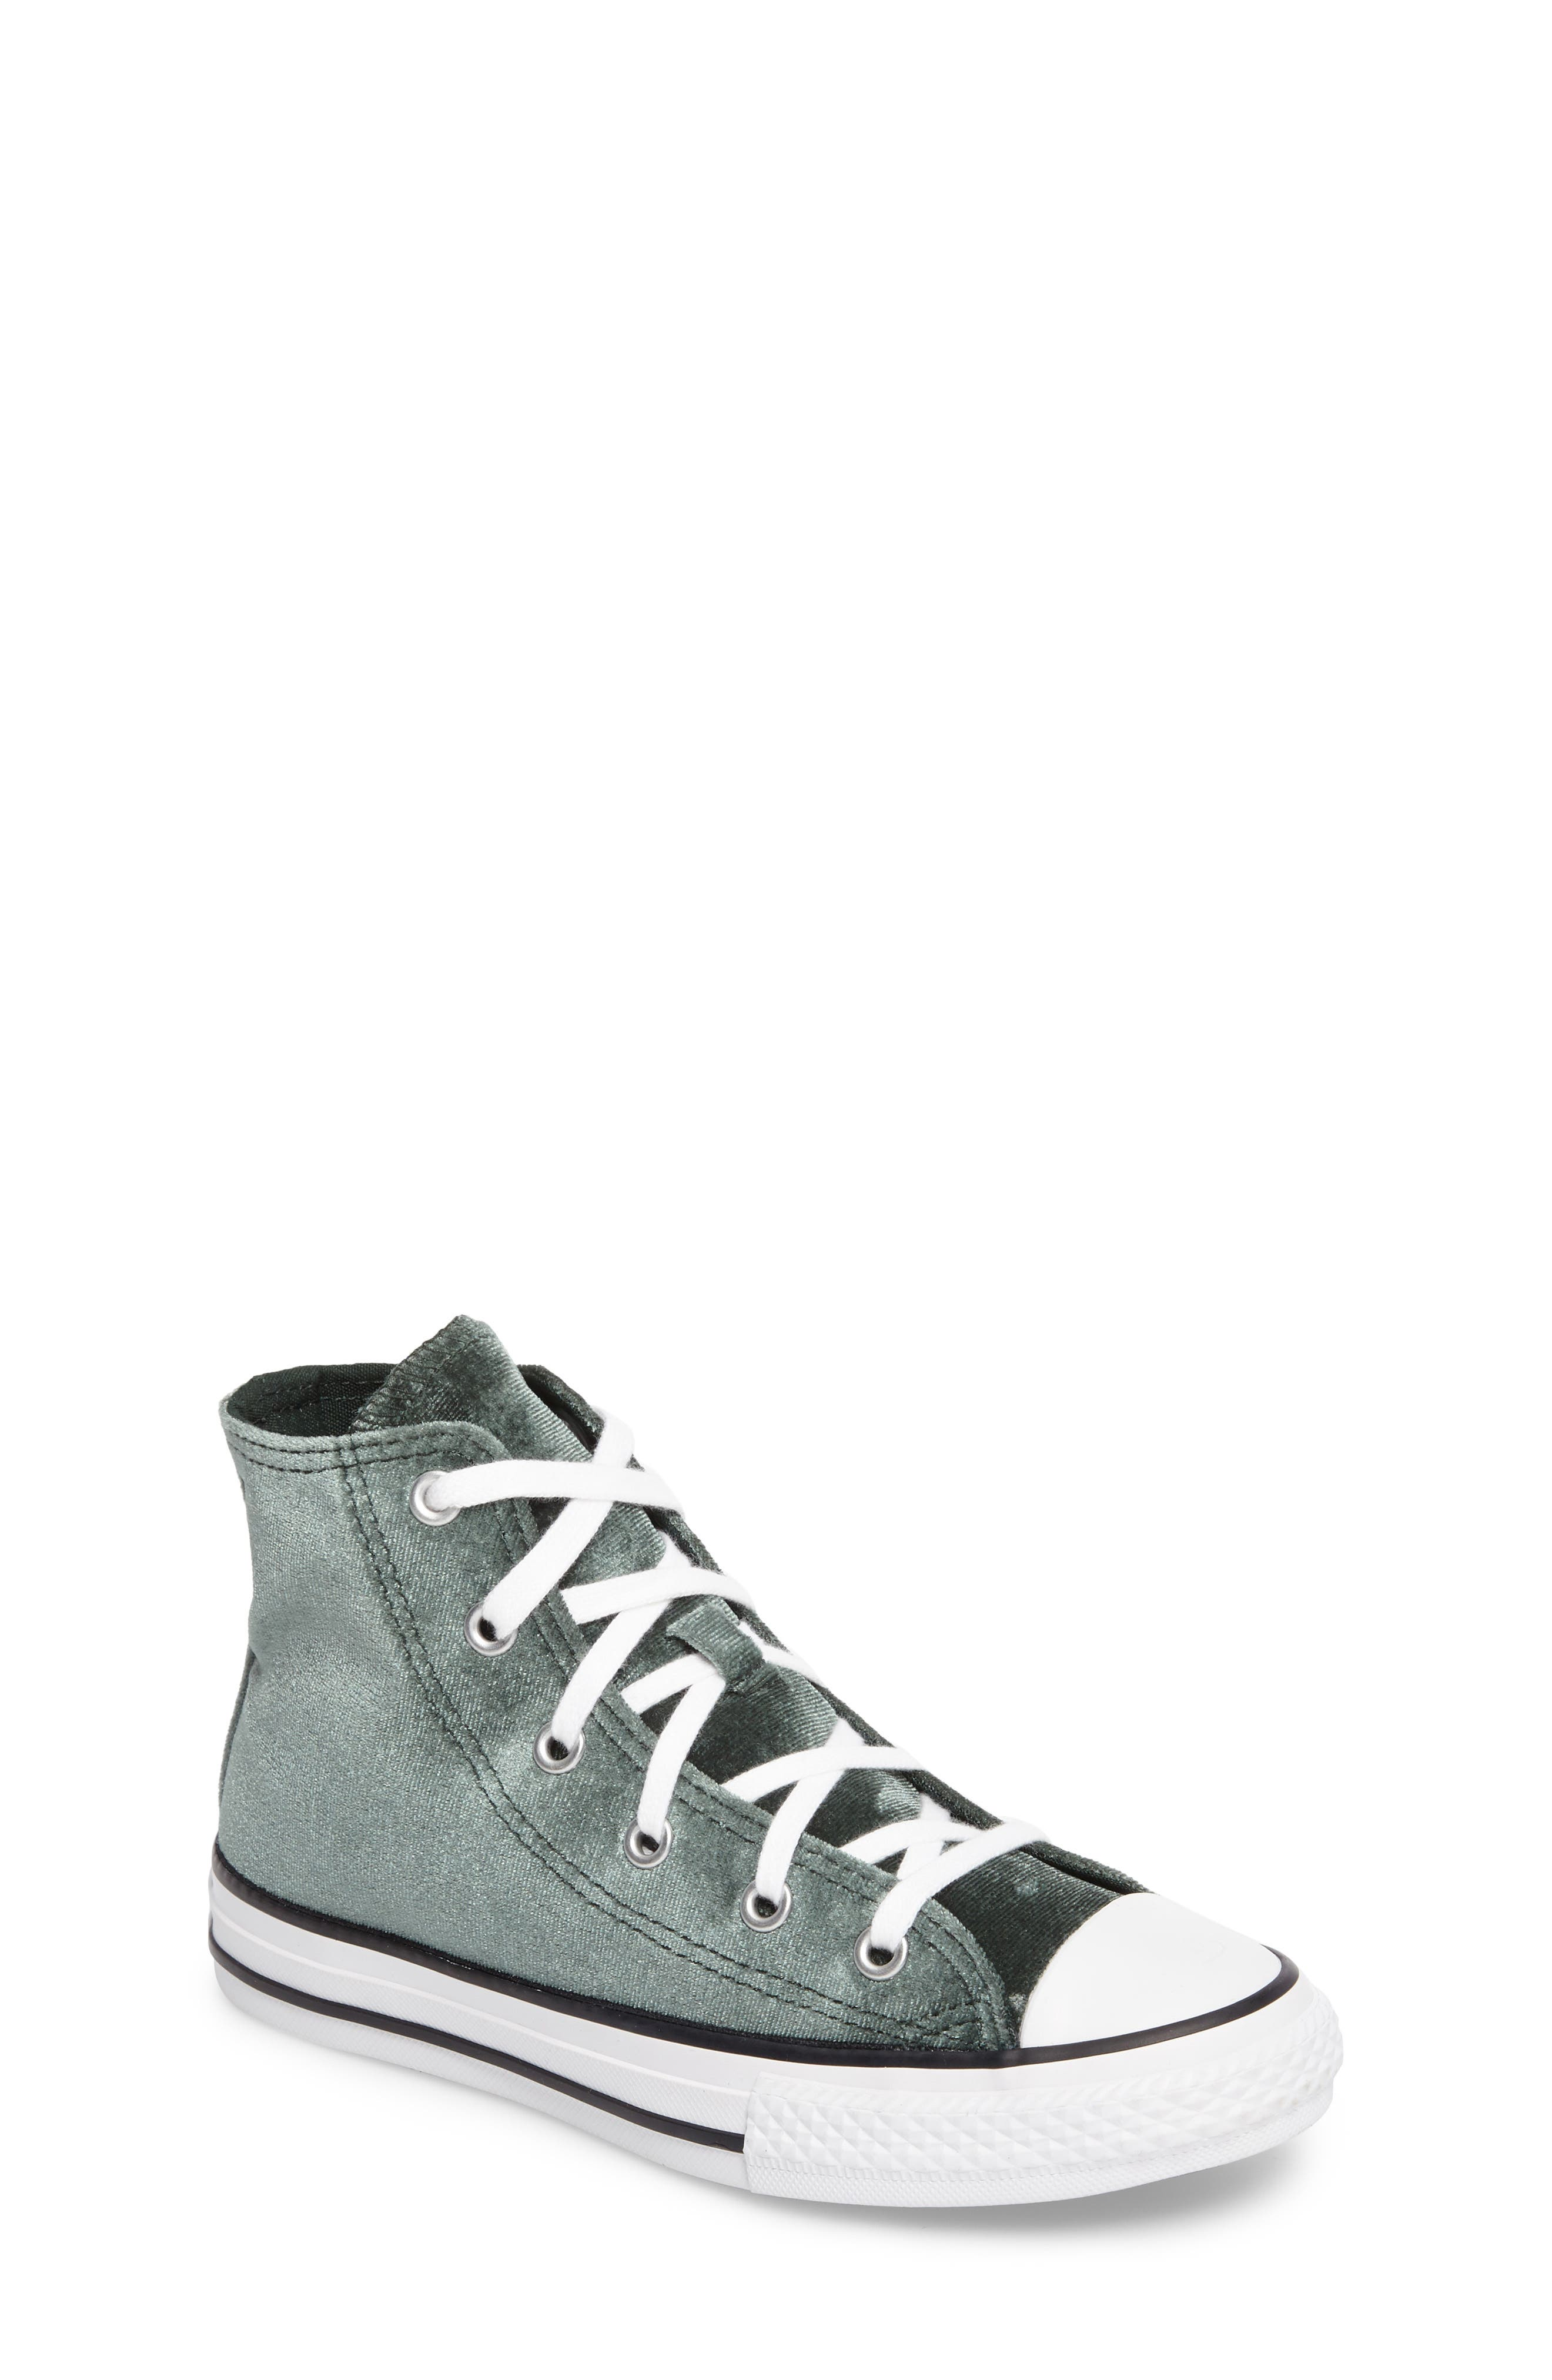 Converse Chuck Taylor® All Star® Velvet High Top Sneaker (Toddler, Little Kid & Big Kid)